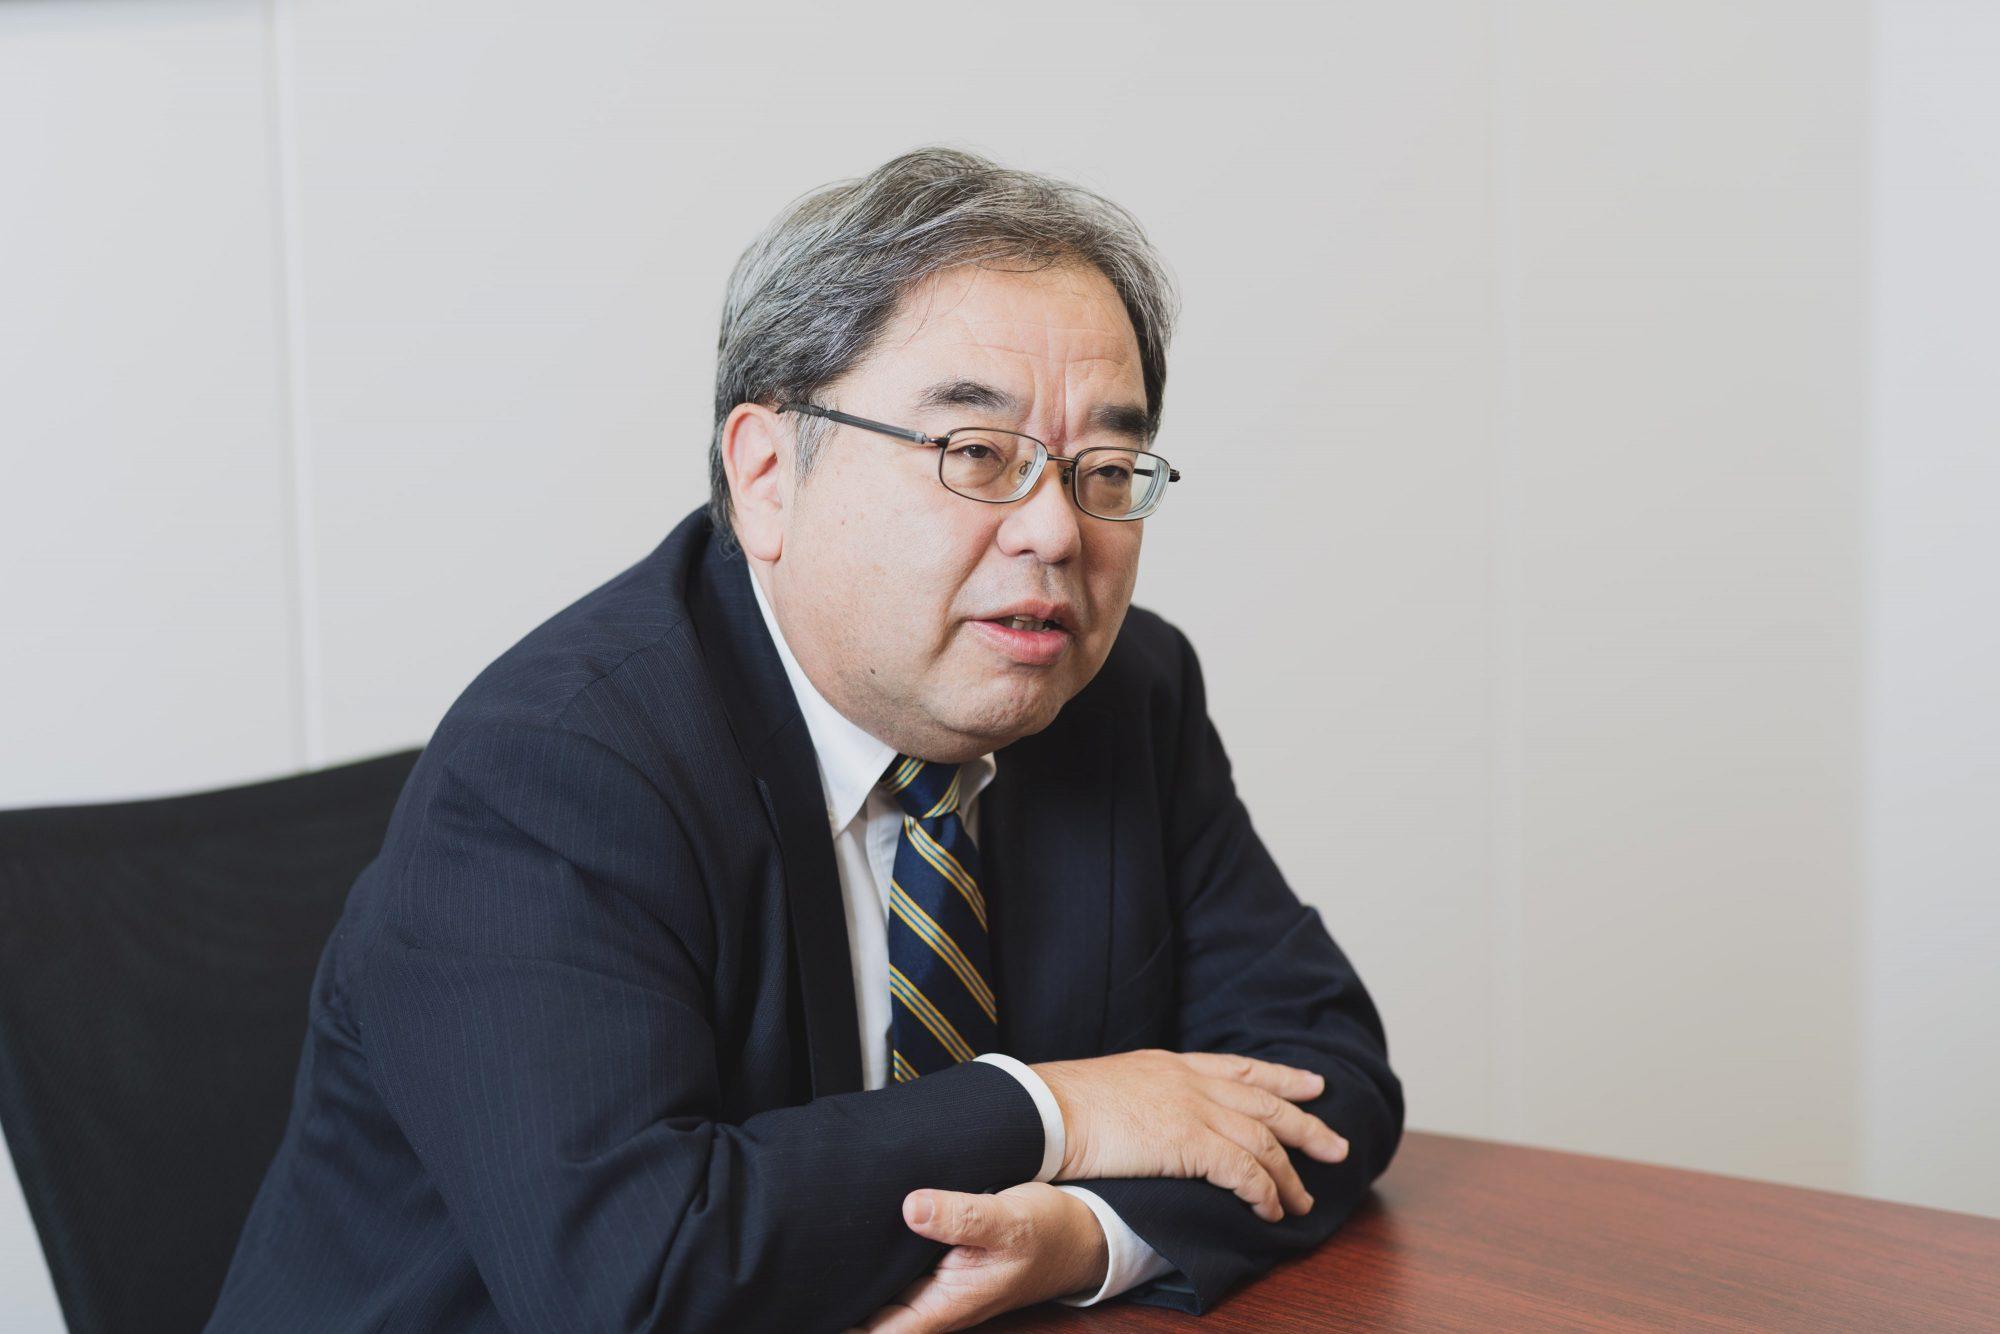 株式会社ポッカクリエイト 上野修代表取締役社長